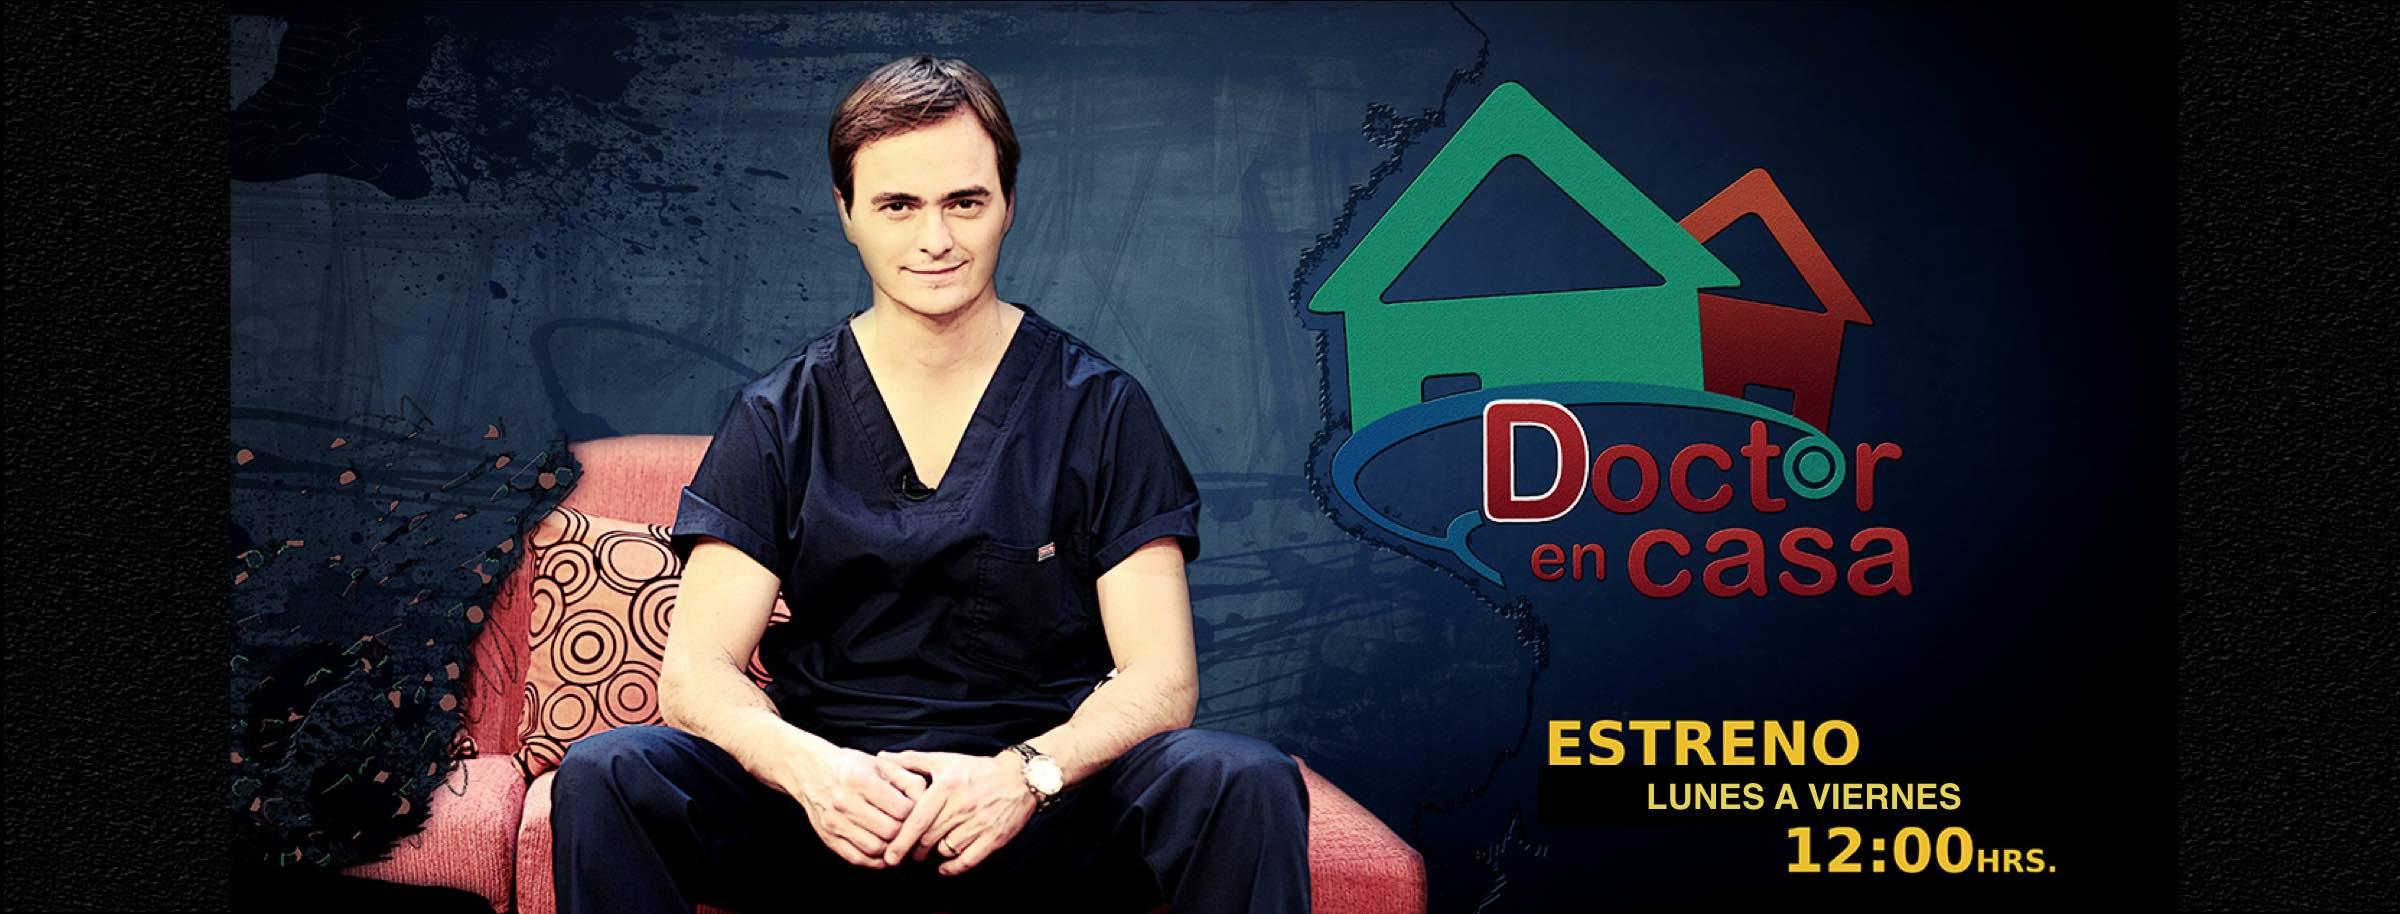 doctor-en-casa